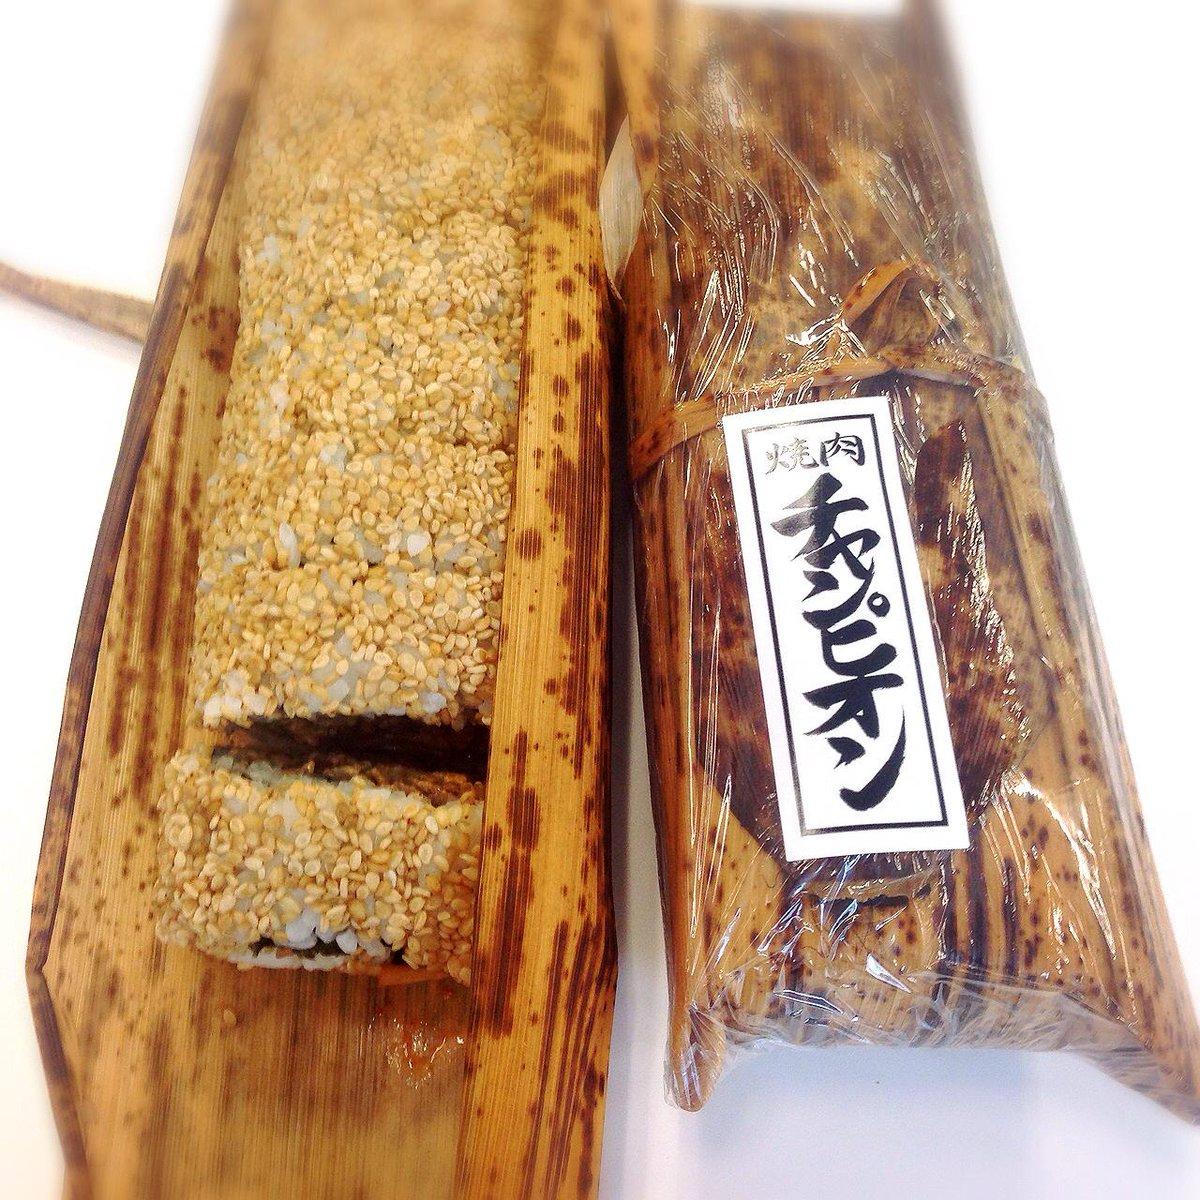 東方神起の撮影で差し入れしたのはチャンピオン×松栄寿司の焼肉ロール。前回の撮影のときに二人とも気に入ってくださったので今回も用意しました!ツアー中とあってたくさん召し上がってくれました。 http://t.co/xx5DTdwa3x